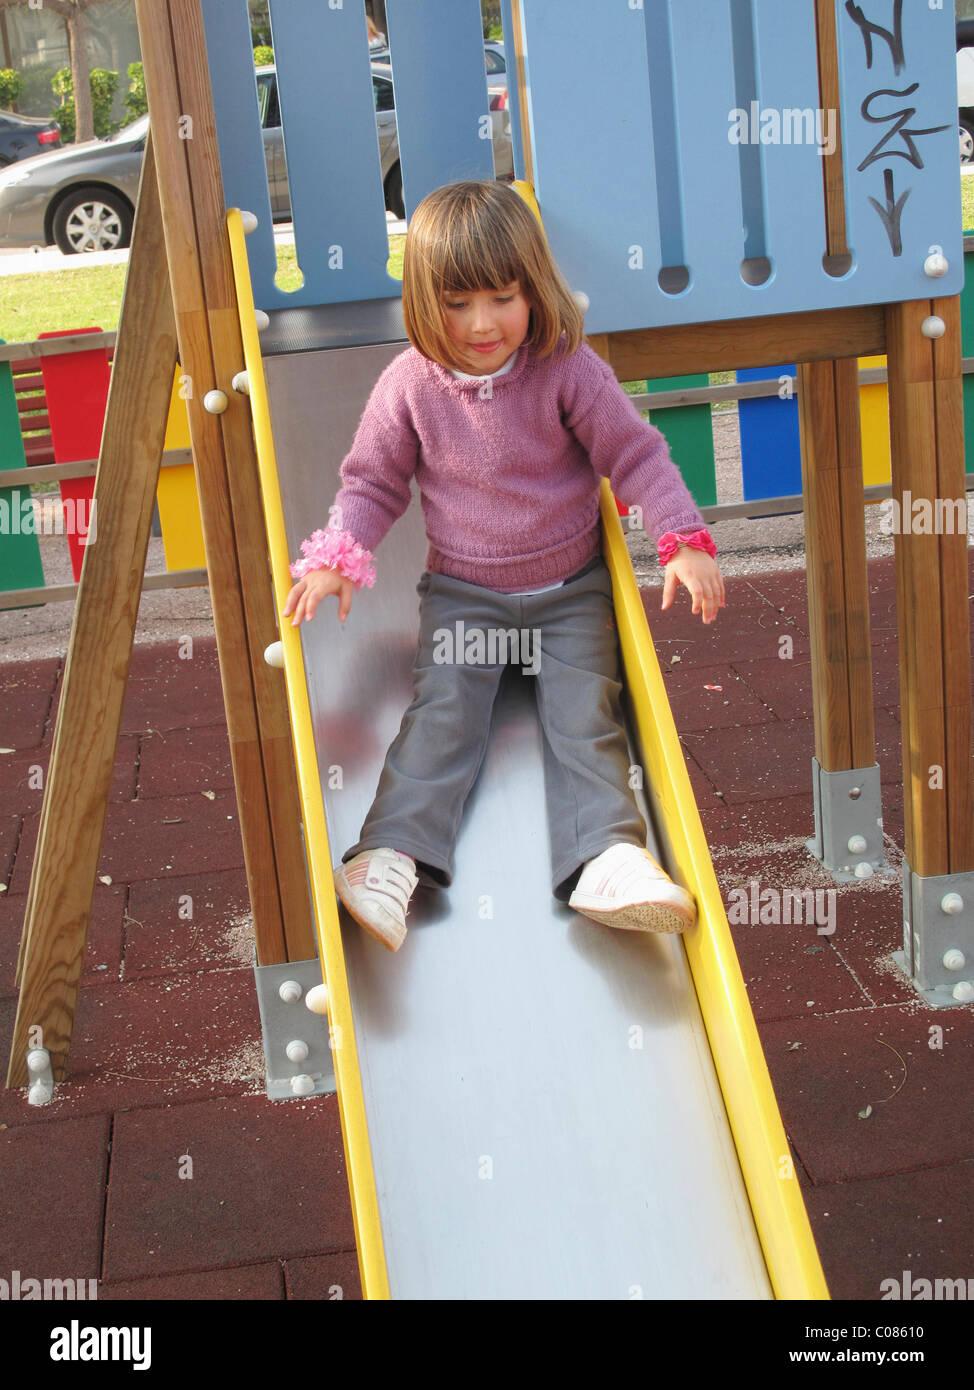 Tres años y medio de edad en tobogán en el parque Imagen De Stock